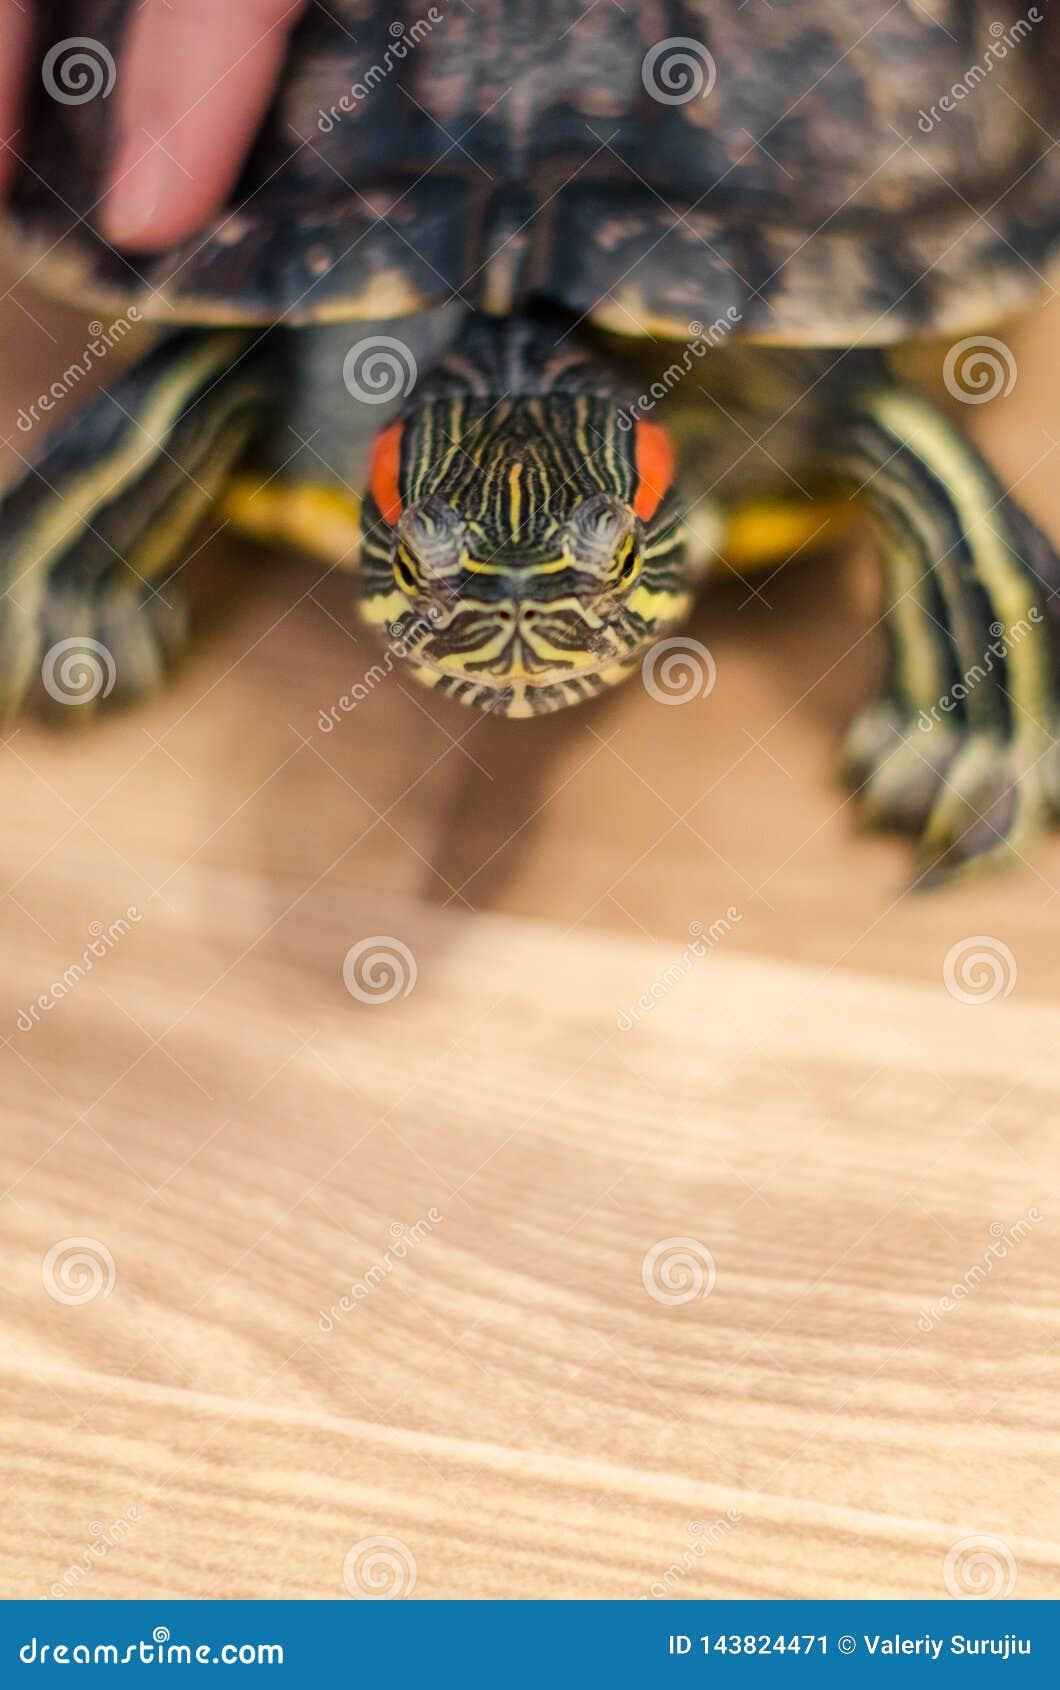 Черепаха на поле дома